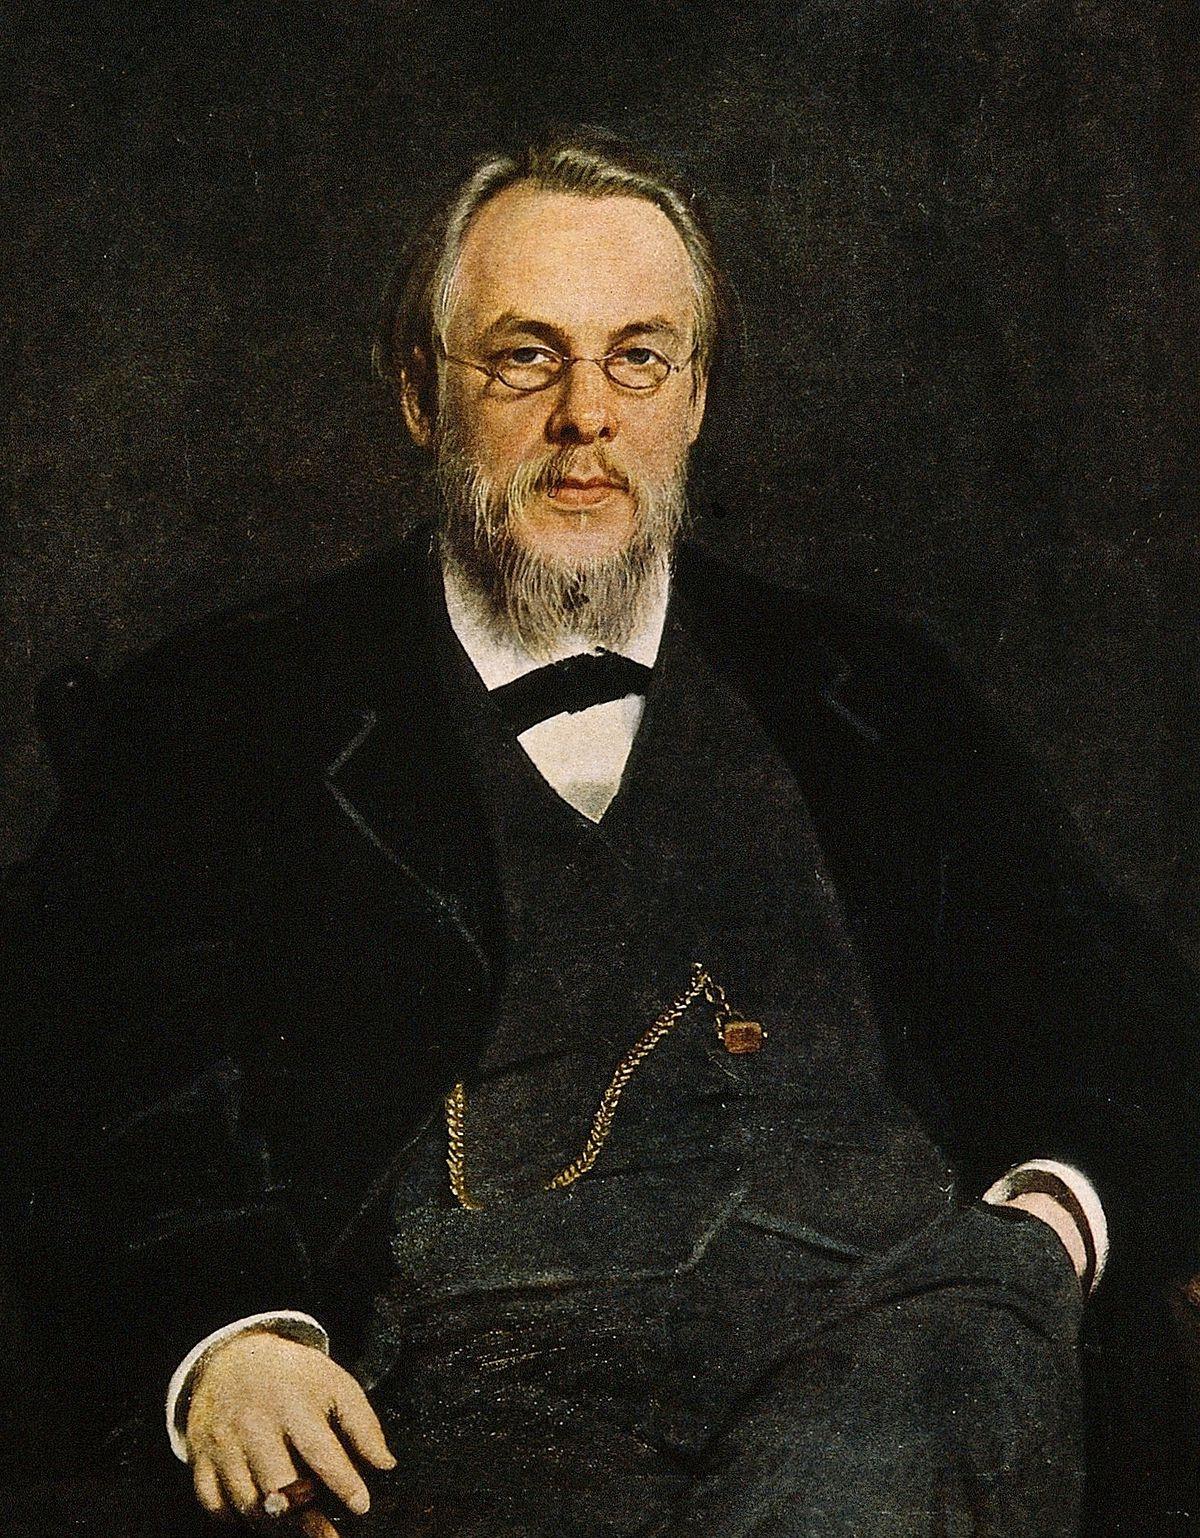 Сергей Боткин (1839-1889) | 8 русских и советских врачей, изменивших мир в лучшую сторону | Brain Berries